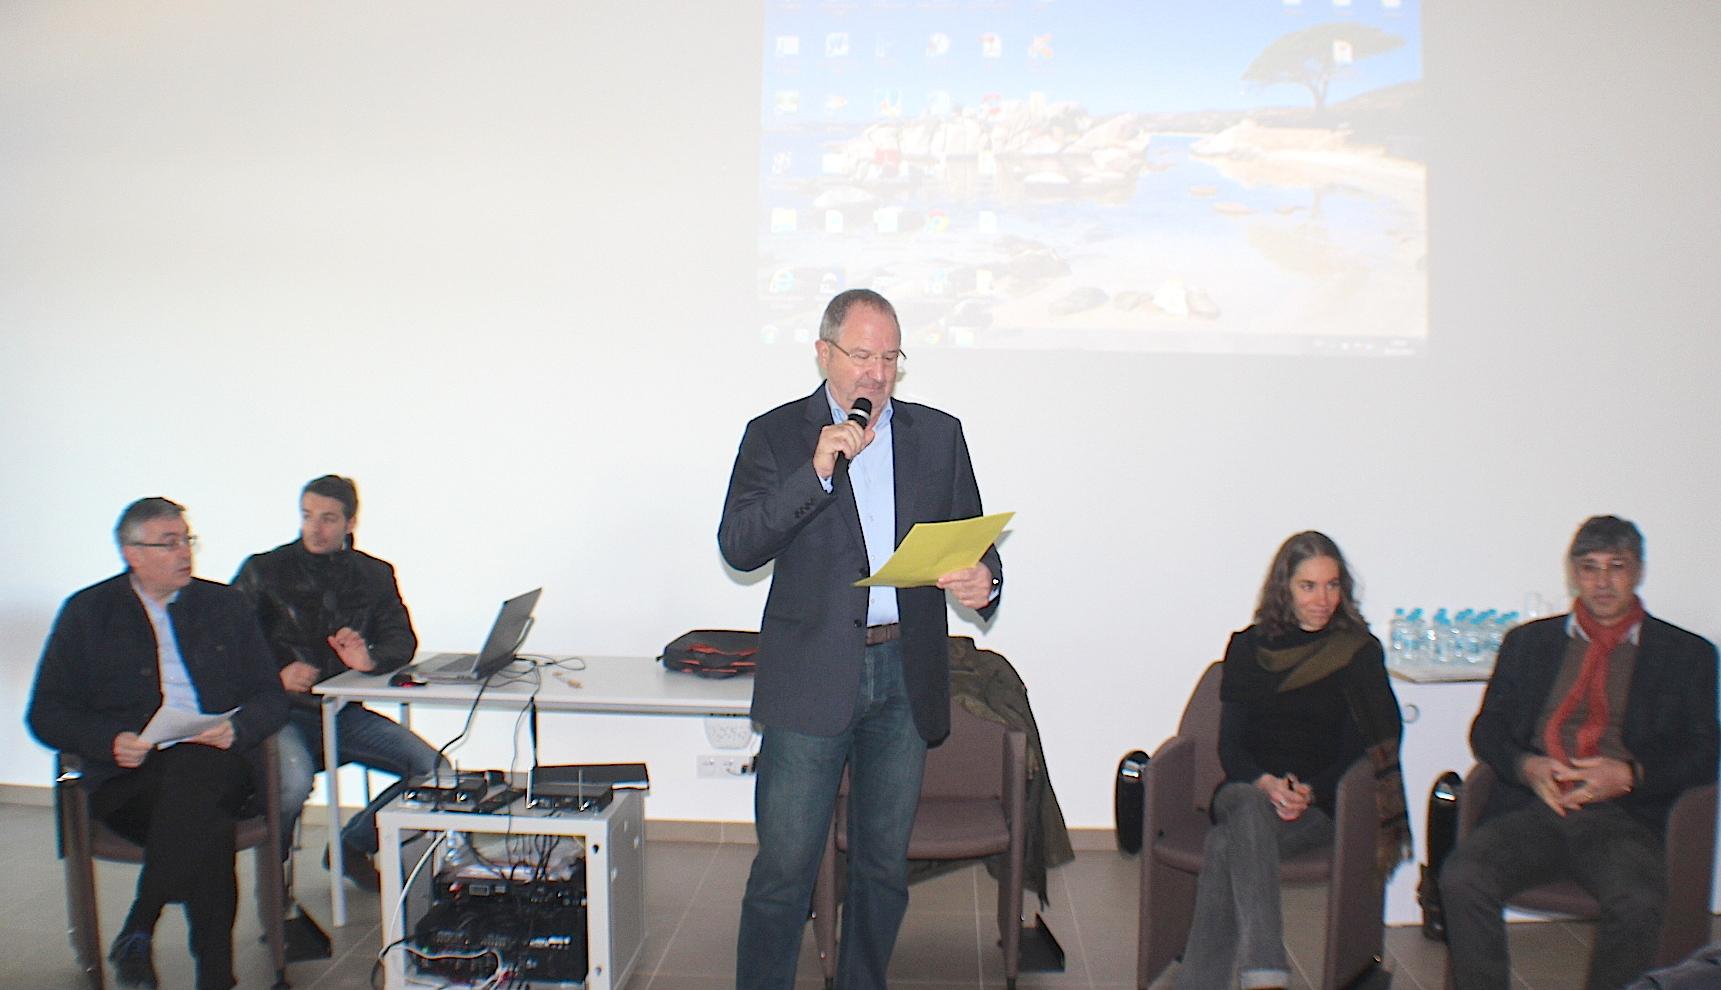 La Corse a de nombreux atouts pour devenir un « leader » de l'agro-écologie